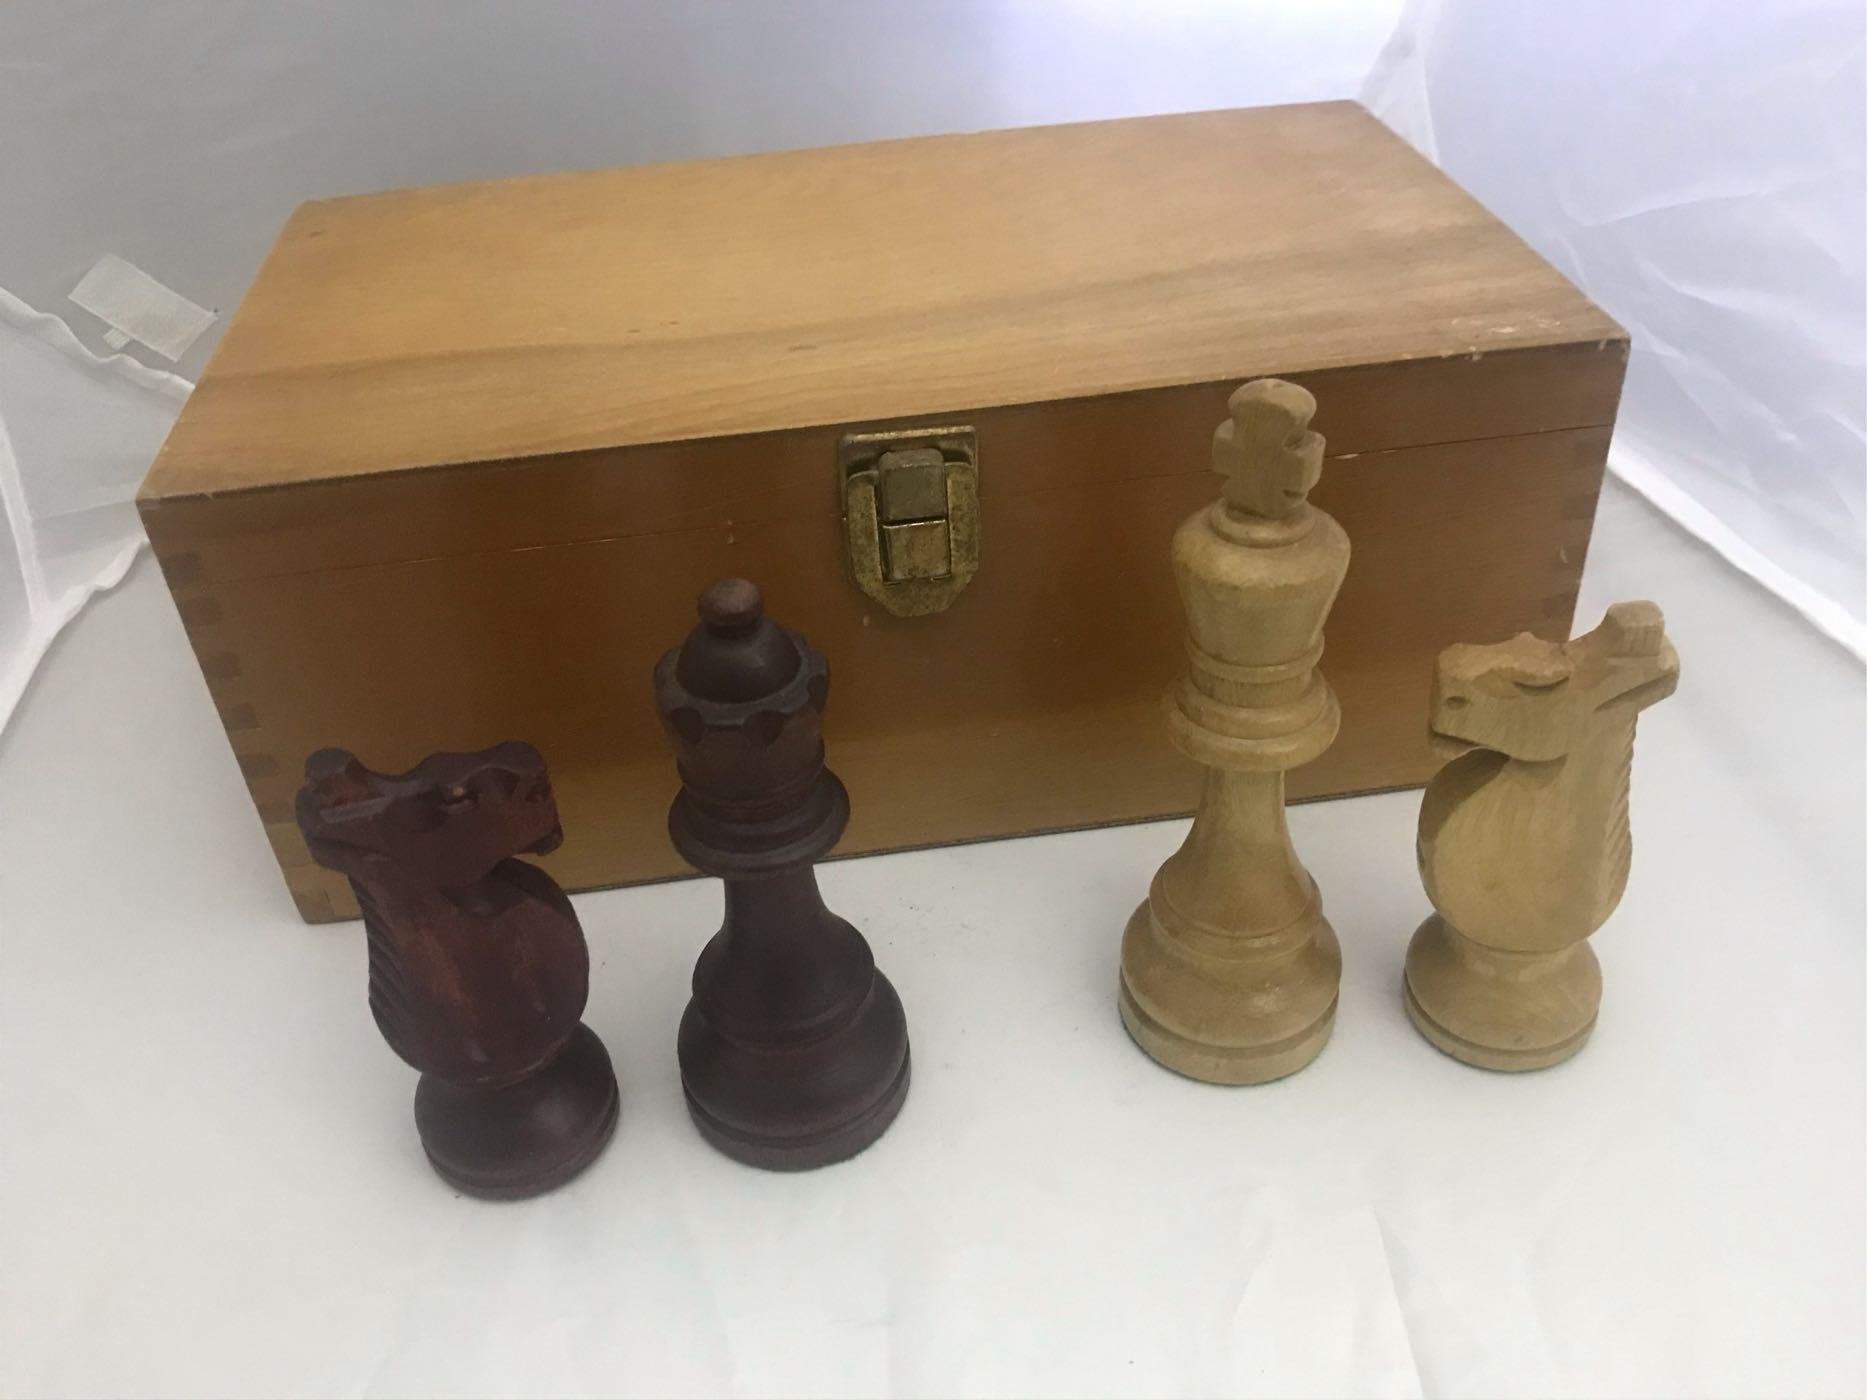 手工藝術品 木製西洋棋 絕版釋出